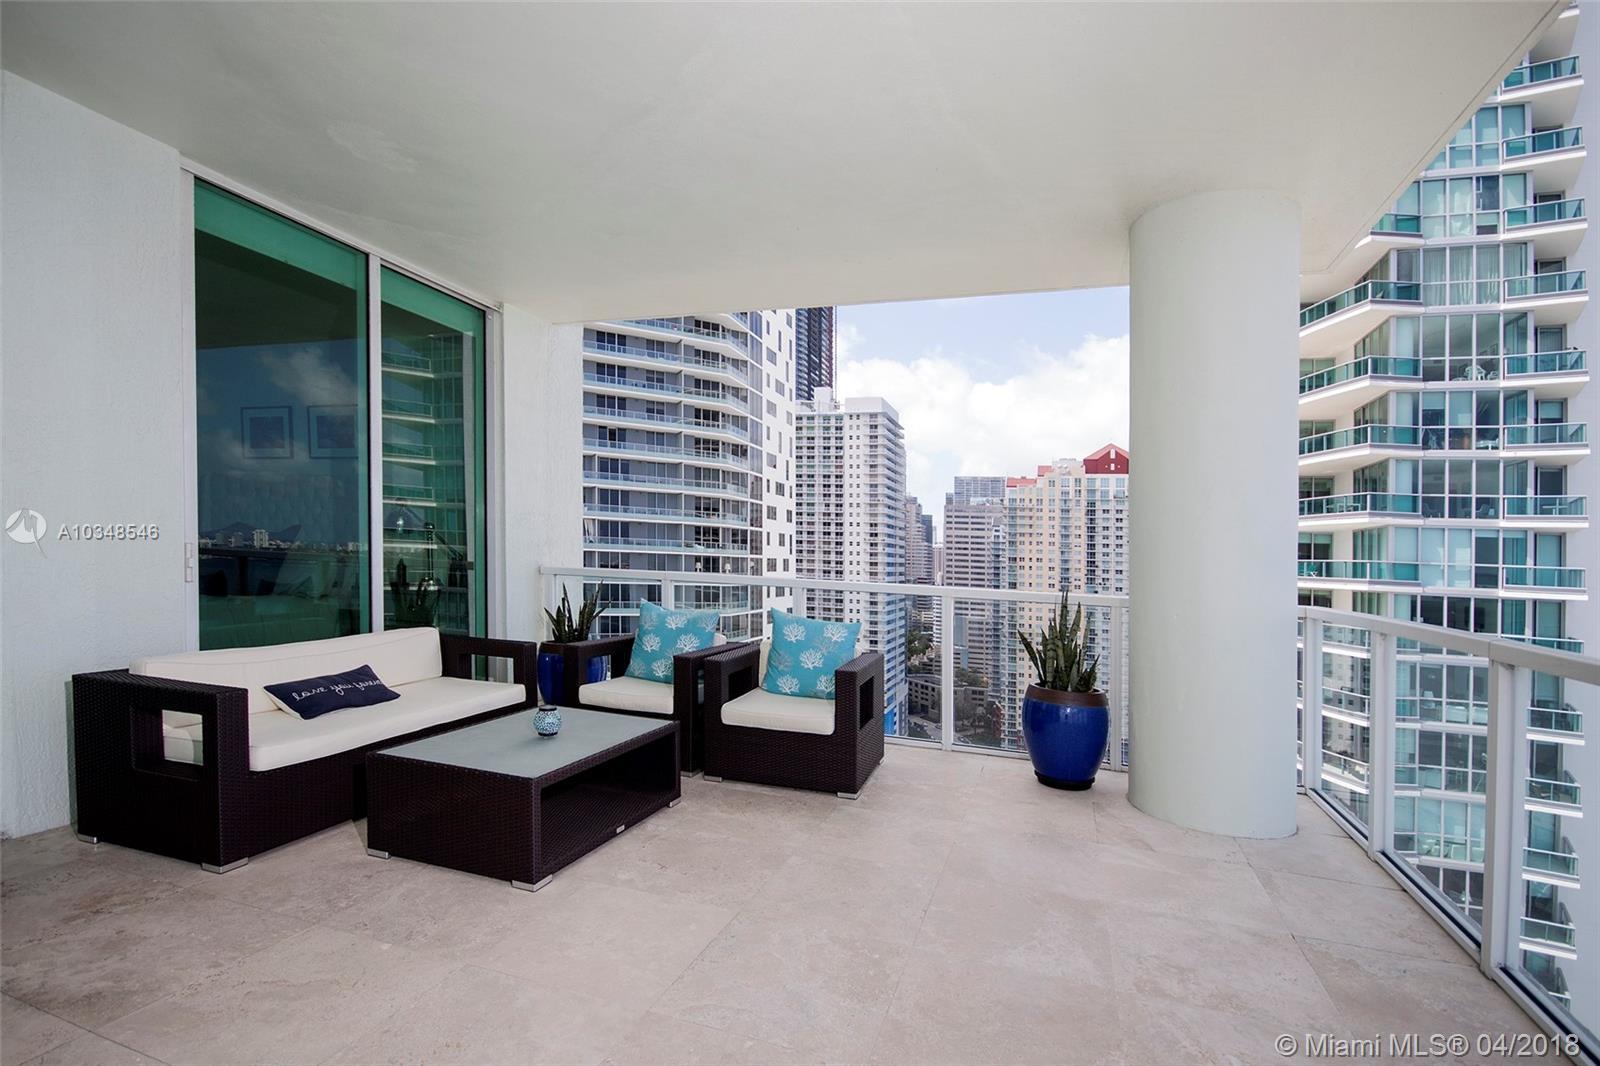 218 SE 14th St, Miami, Fl 33131, Emerald at Brickell #TS101, Brickell, Miami A10348546 image #12